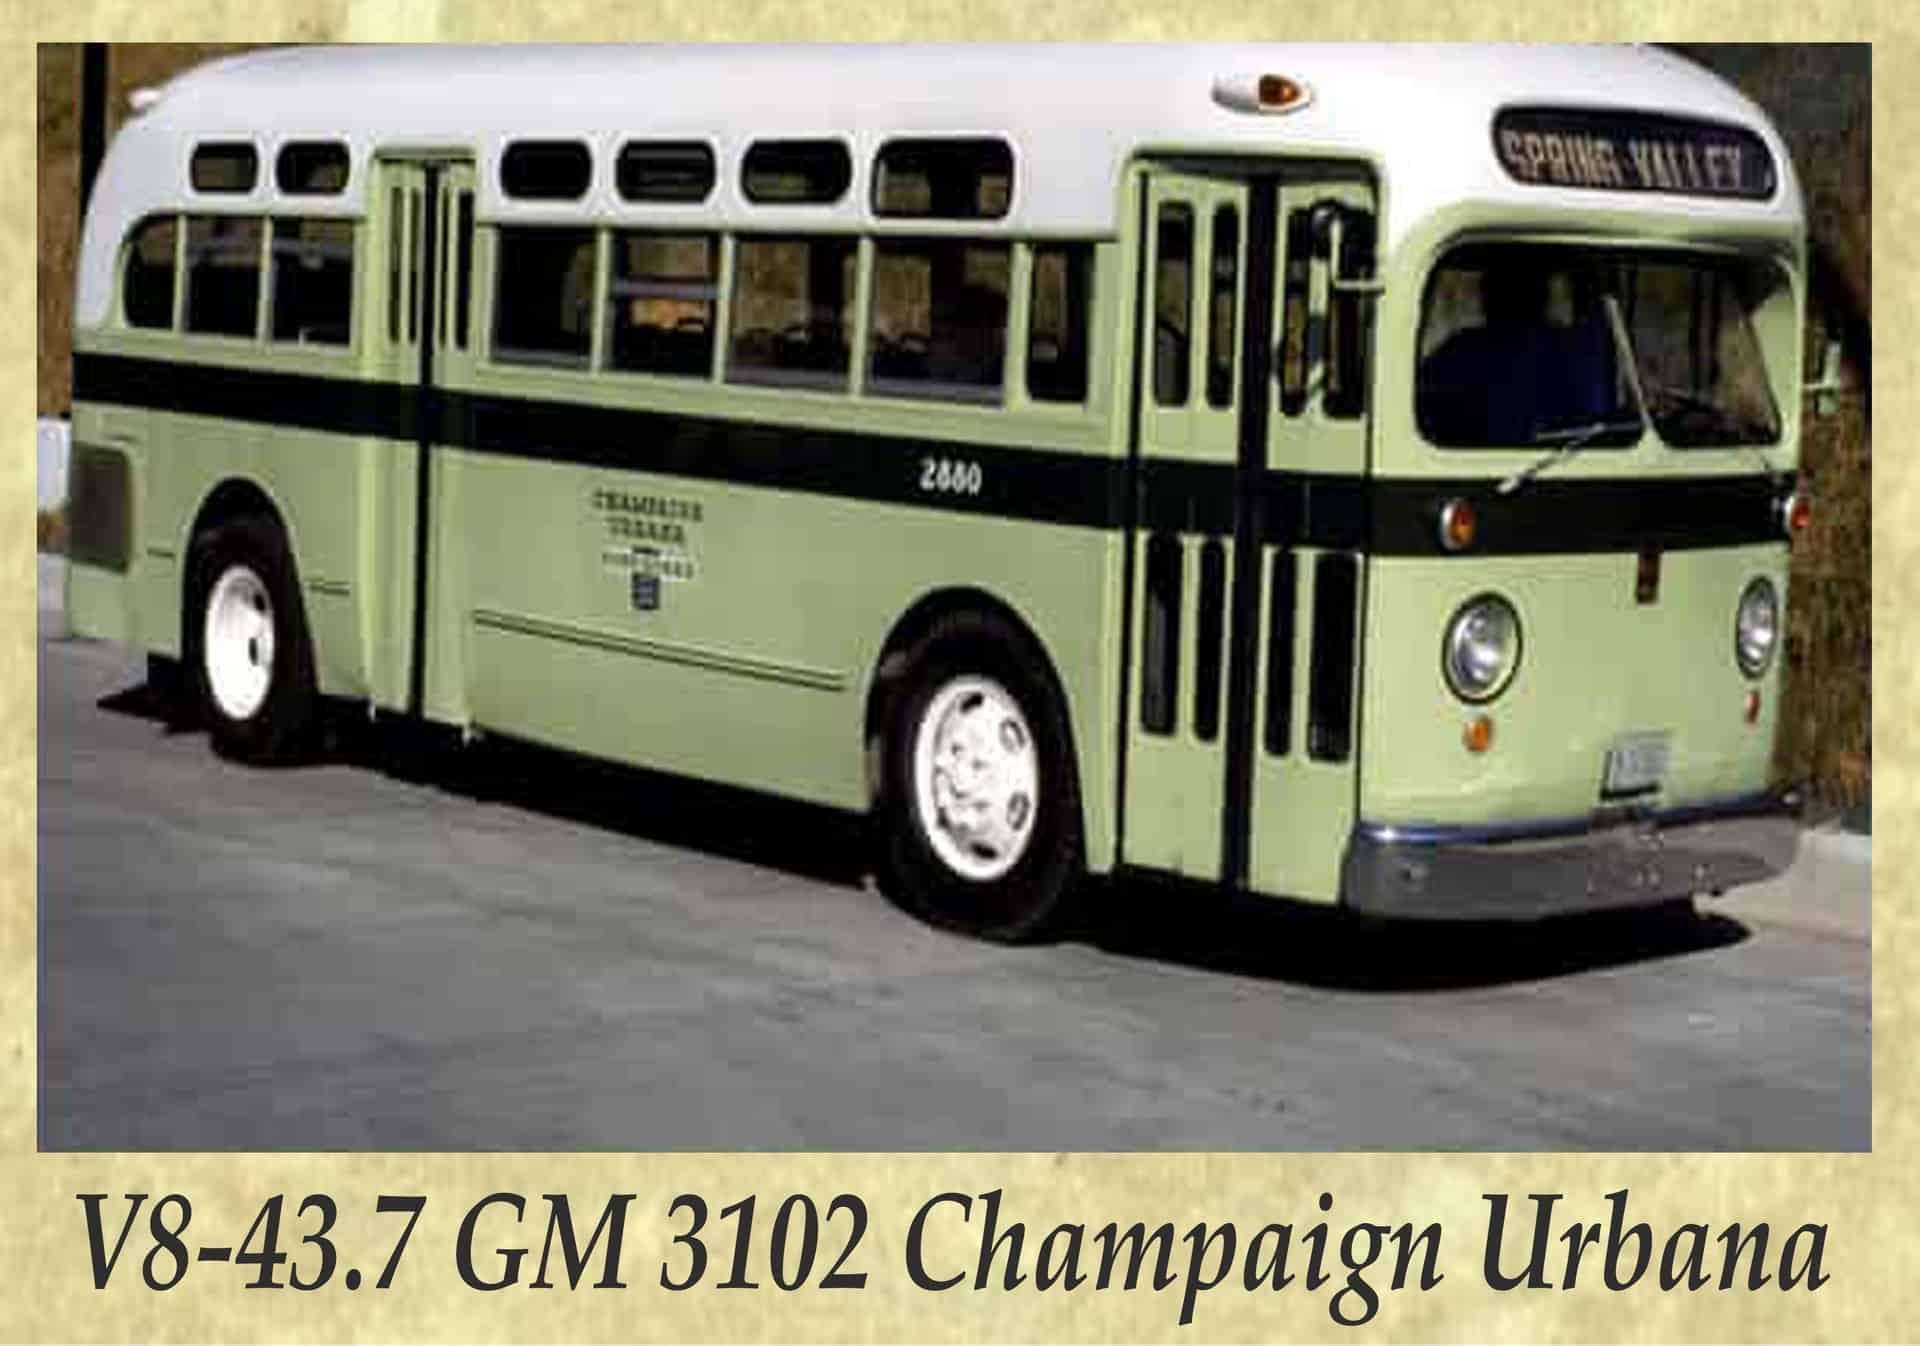 V8-43.7 GM 3102 Champaign Urbana